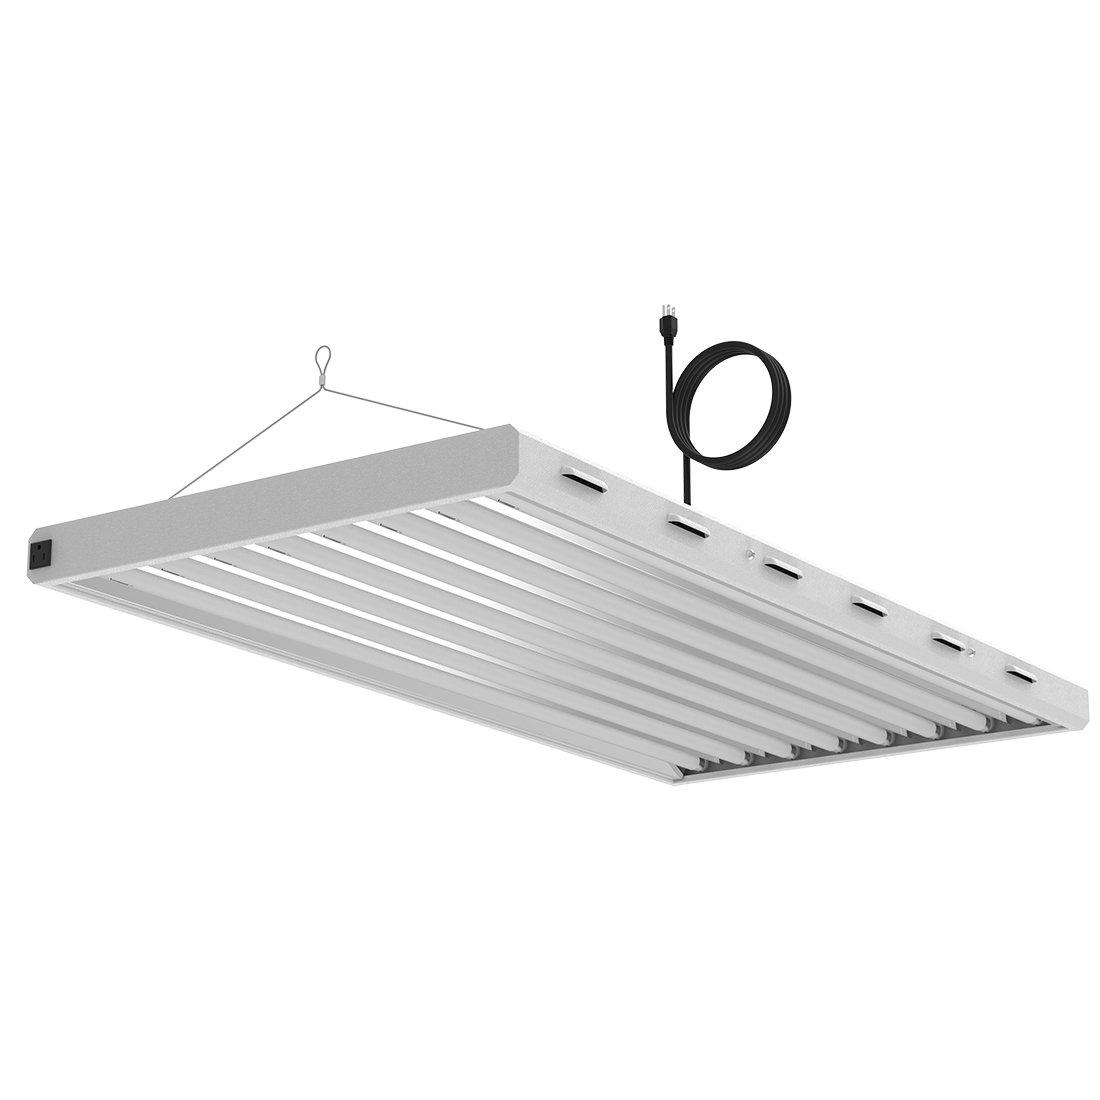 VIVOSUN 4ft 8 Lamp T5 HO Fluorescent Grow Light Fixture - UL listed, High Output Fluorescent Tubes